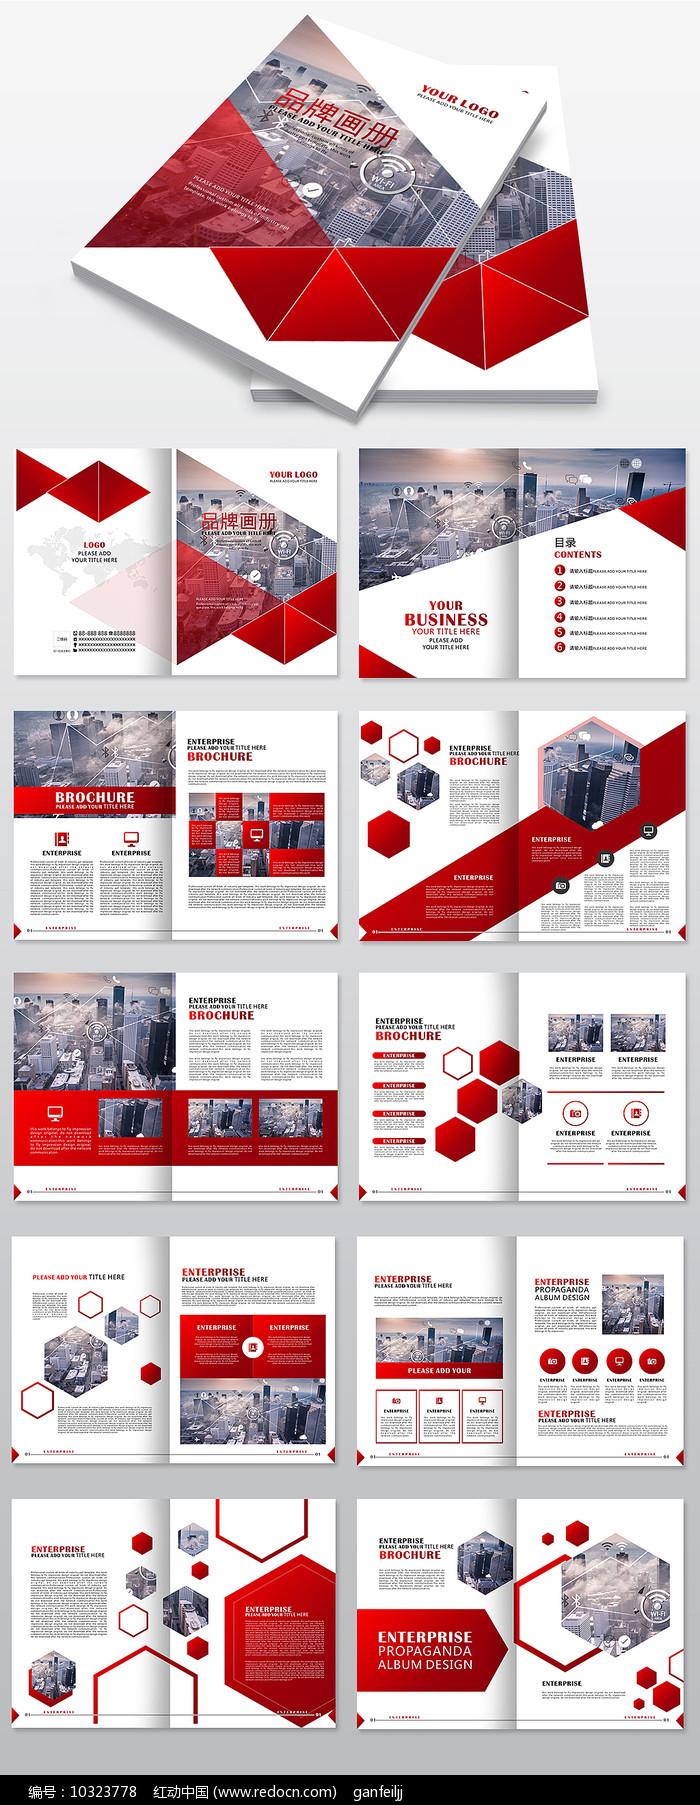 大气创意通用红色企业宣传画册图片